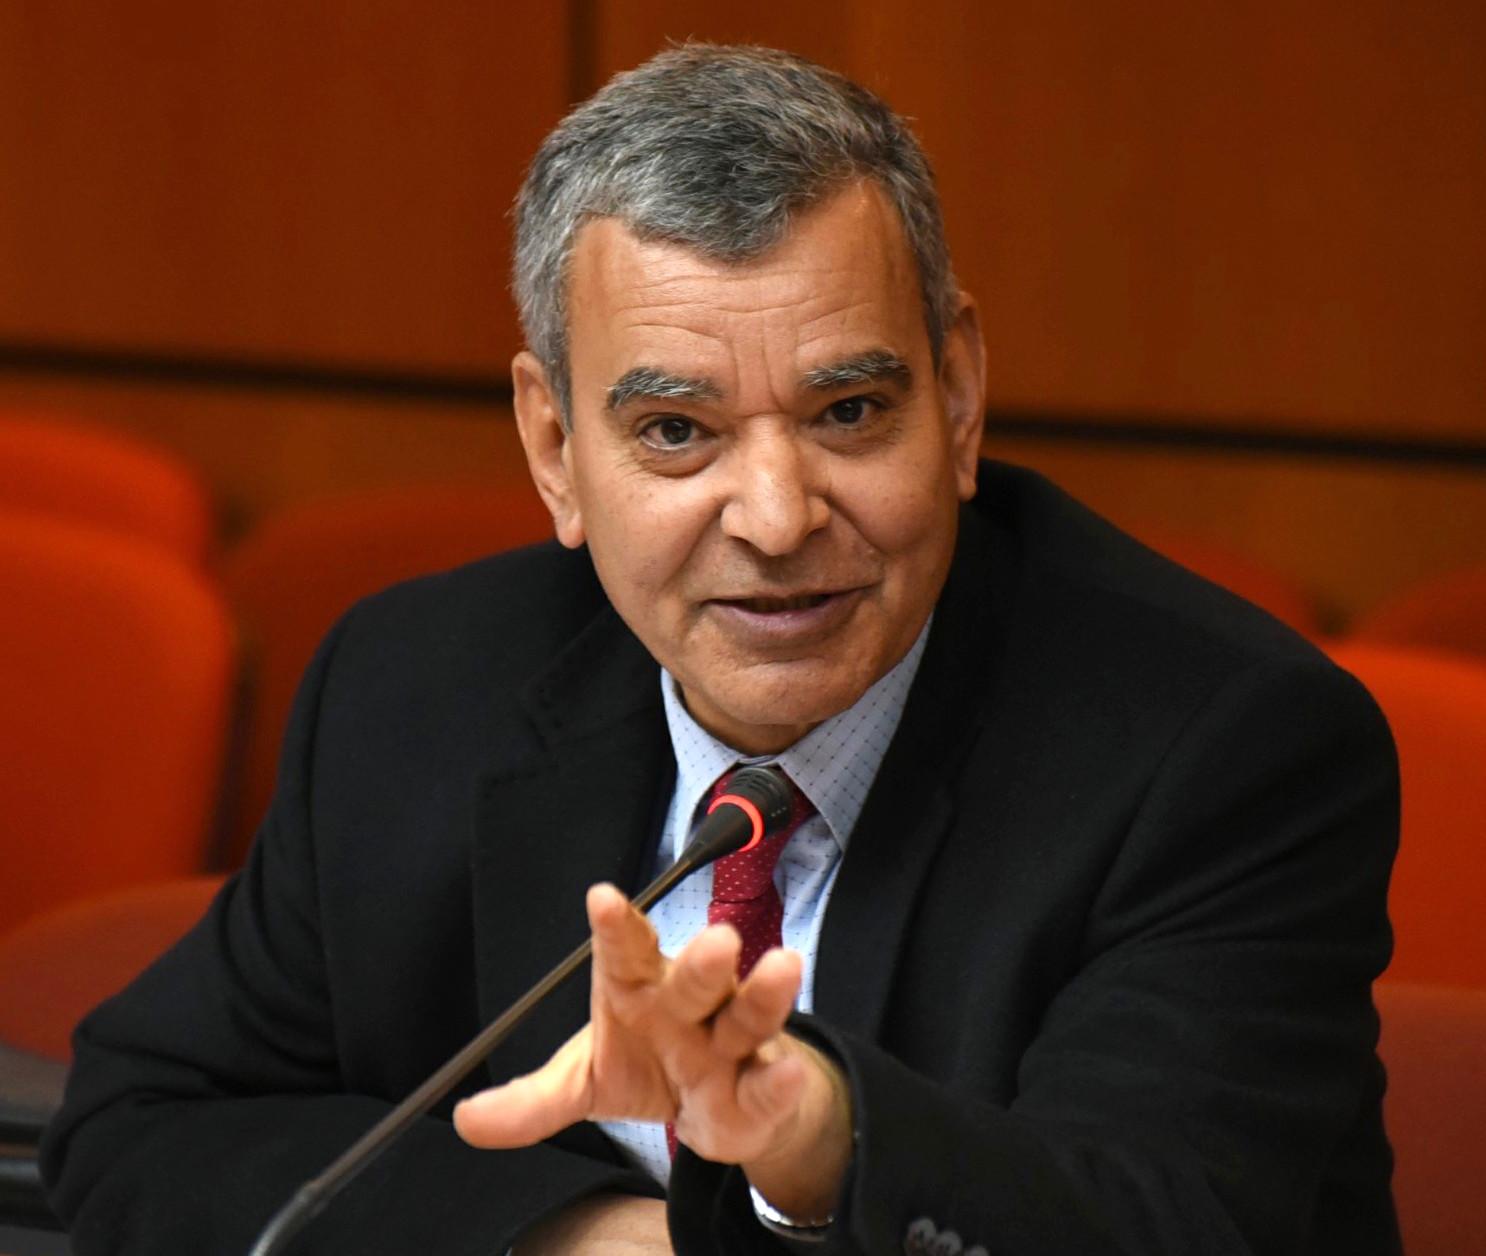 الأخ أحمد التومي : إنشاء وحدات إنتاجية بالعالم القروي يتطلب جيلا جديدا من الطاقة